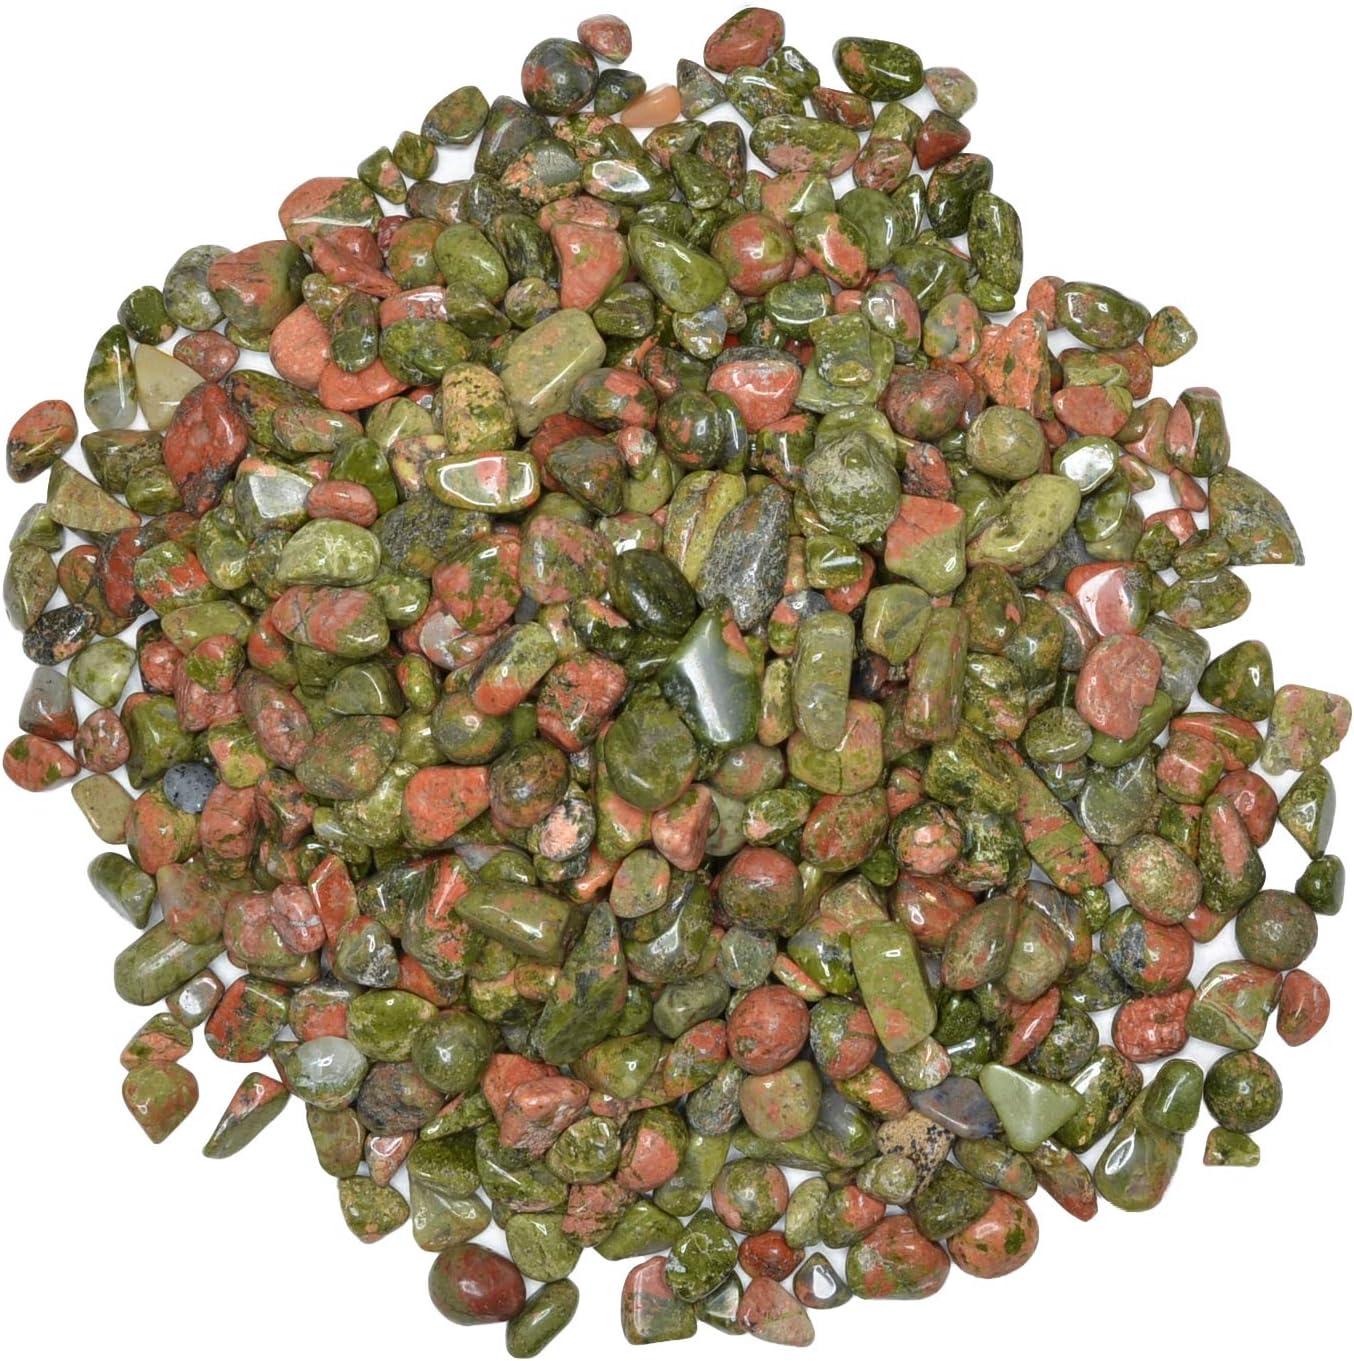 Hypnotic Gems: 18 lbs of Regular dealer Polished Chips Rock Spasm price Unakite wit Natural